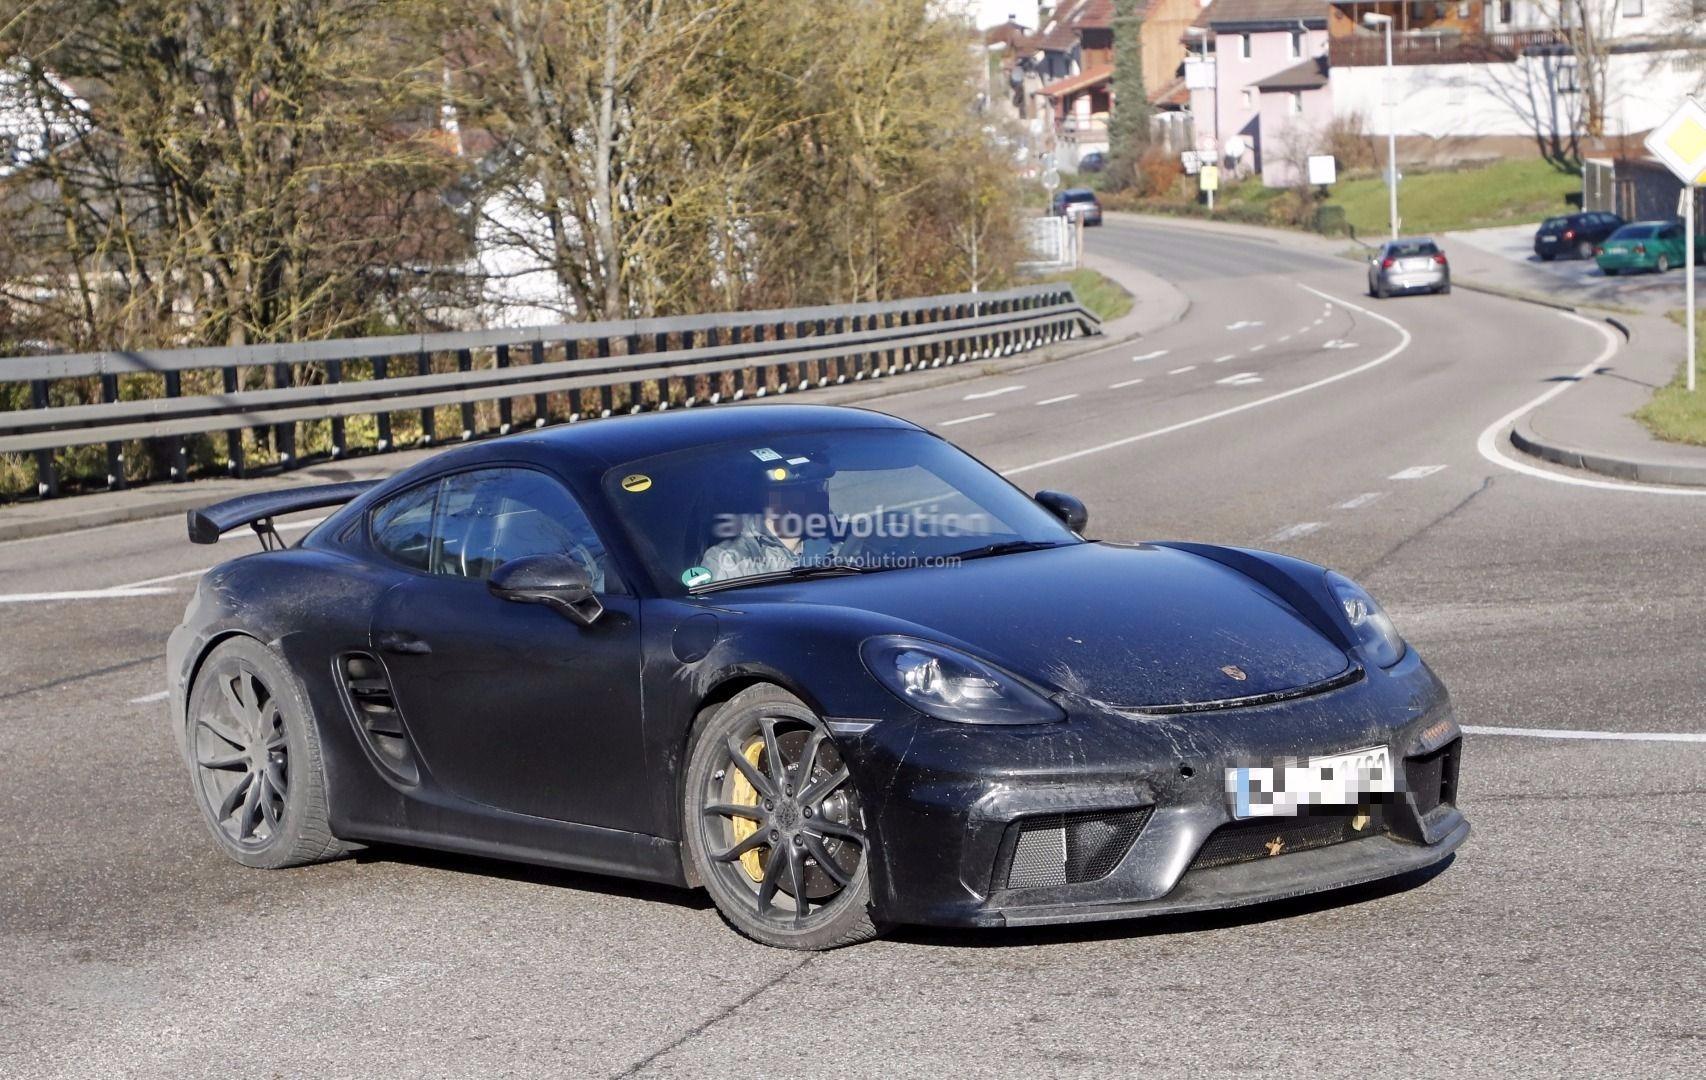 2019 porsche cayman gts 2019 Porsche 718 Cayman GT4 Spied, PDK Rumors Still Hot  2019 porsche cayman gts